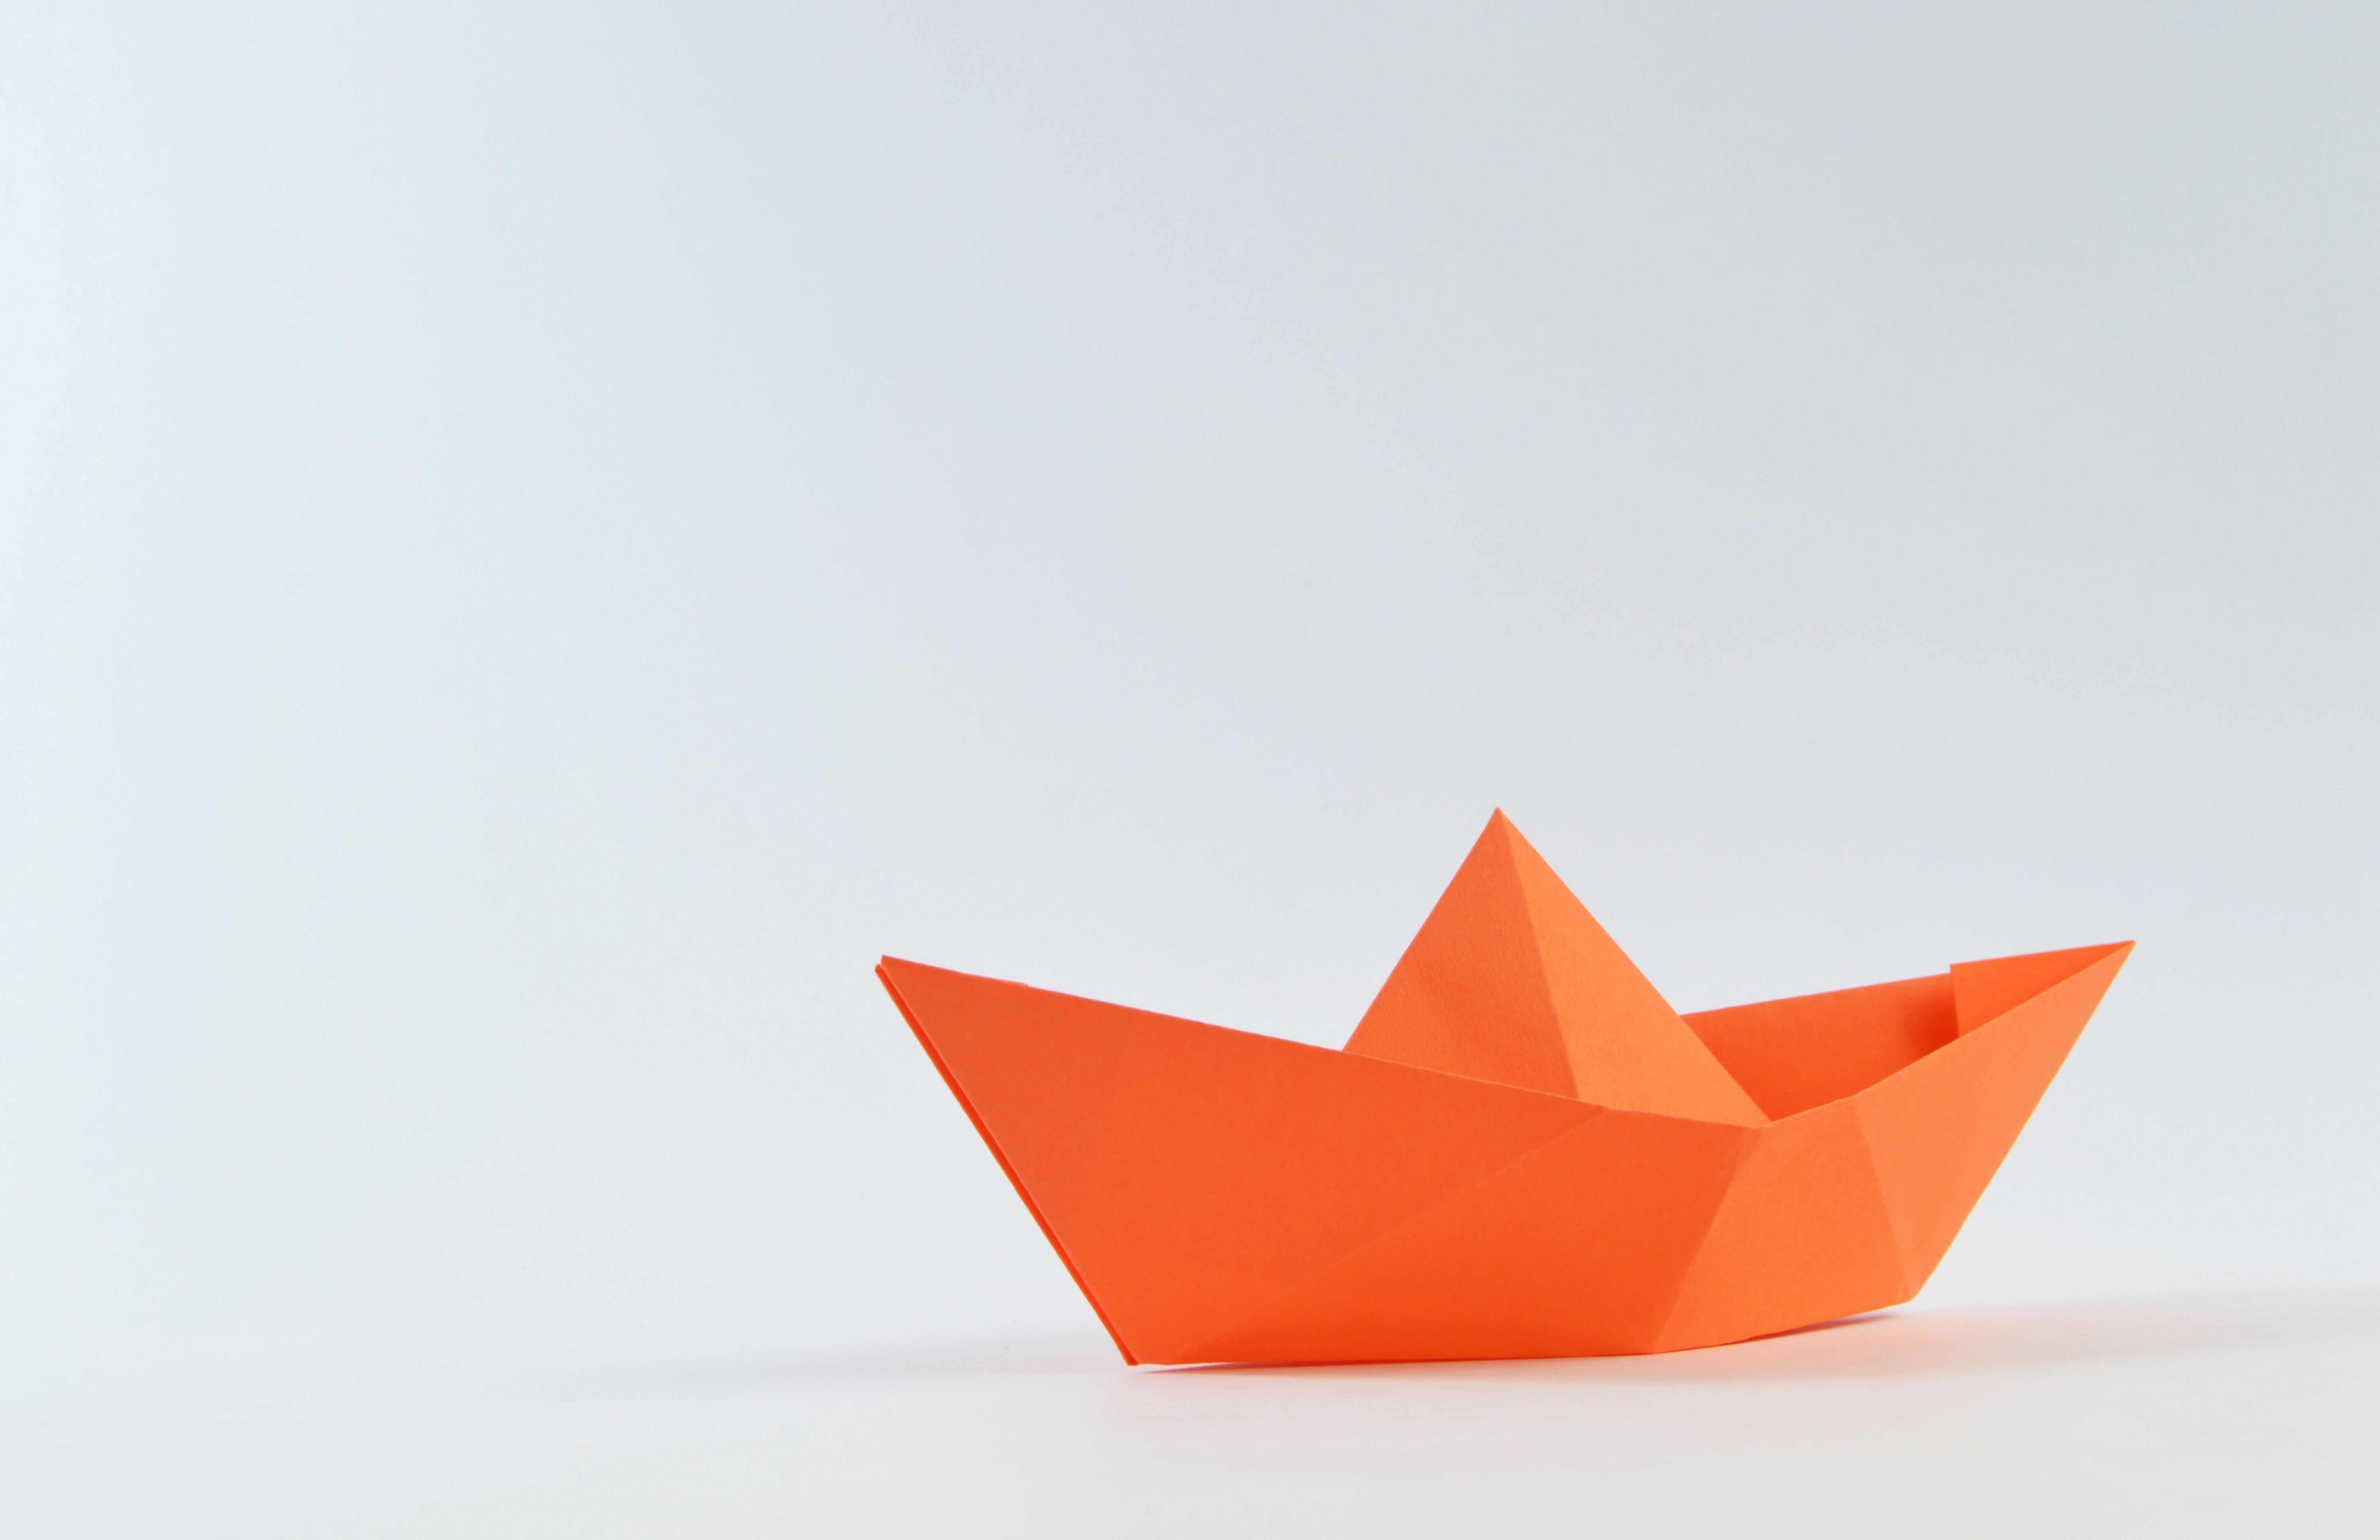 Free stock photos of origami pexels origami photos jeuxipadfo Choice Image